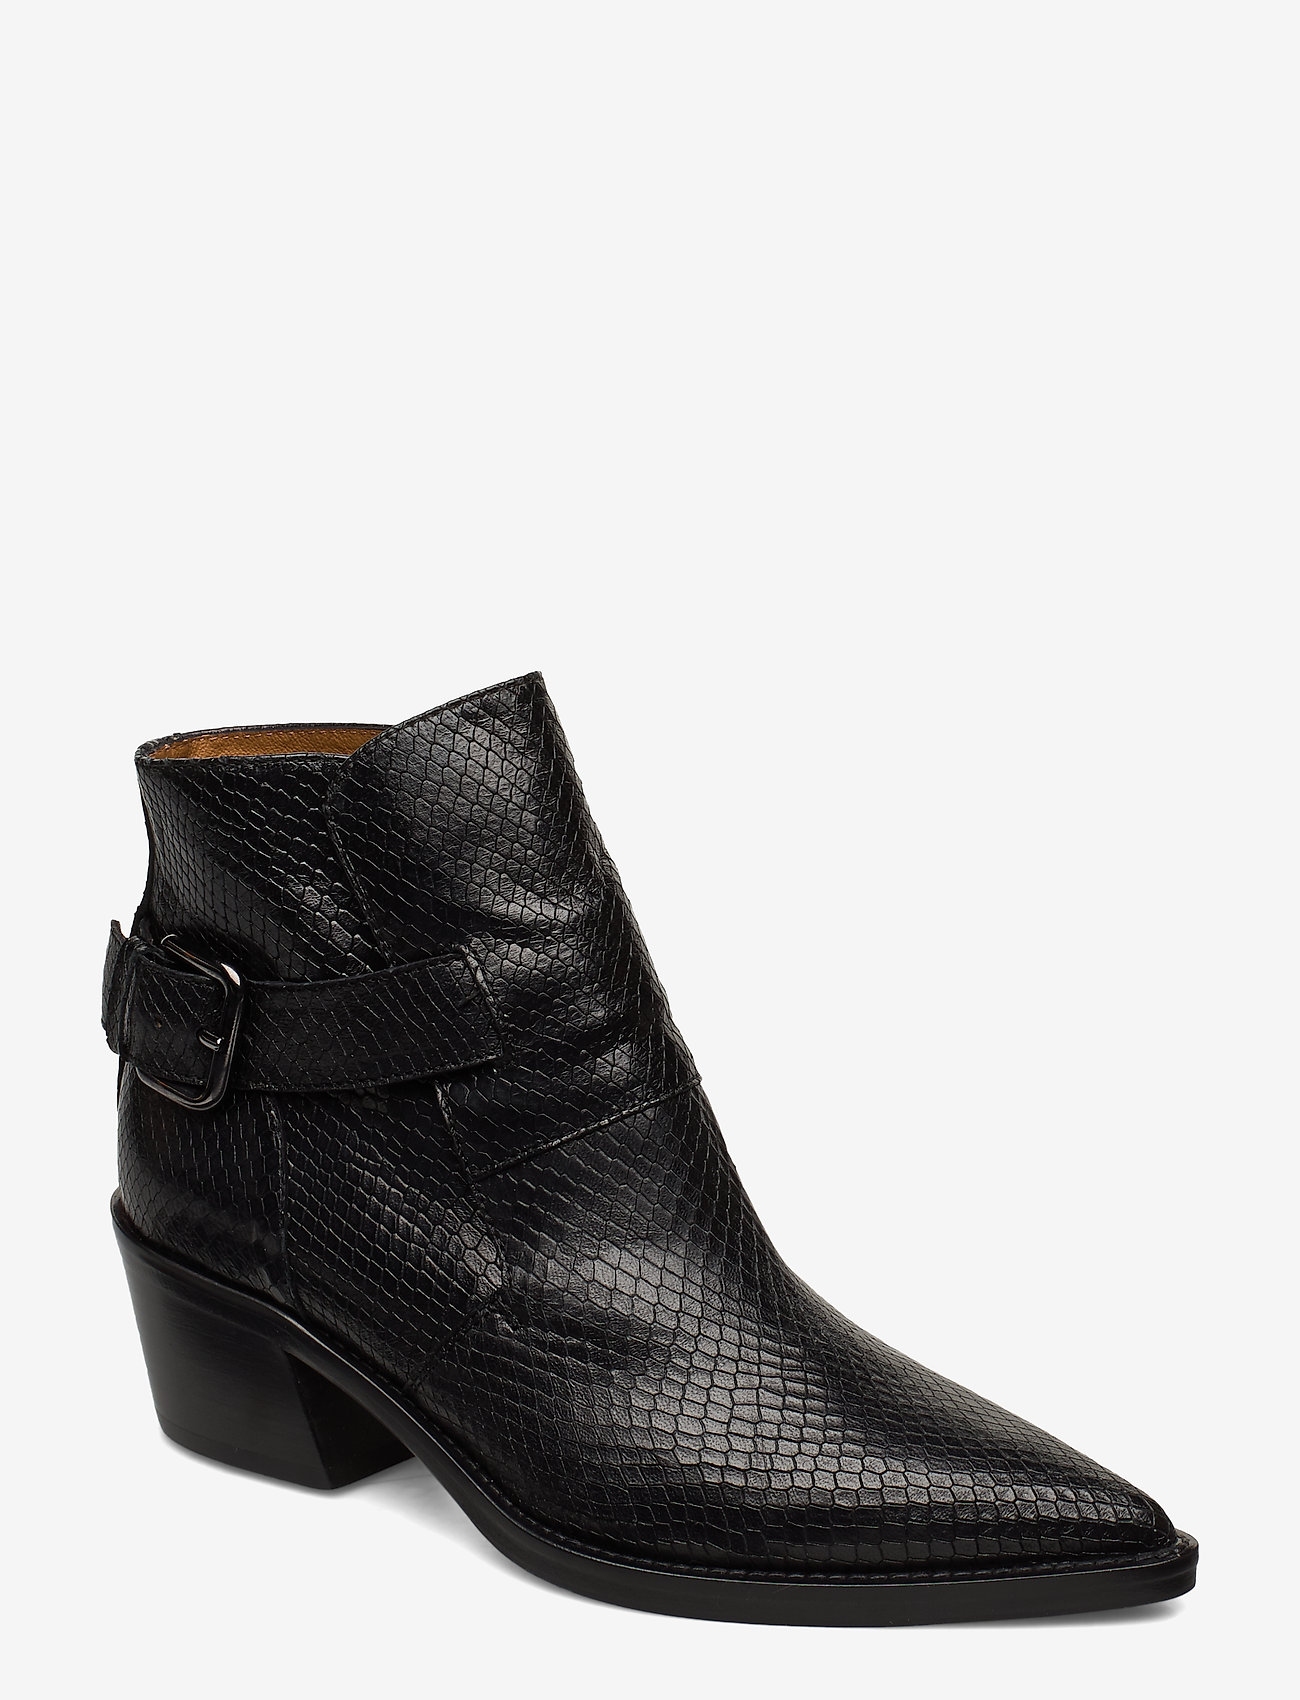 NOTABENE - Aila - ankelstøvletter med hæl - black snake leather - 0